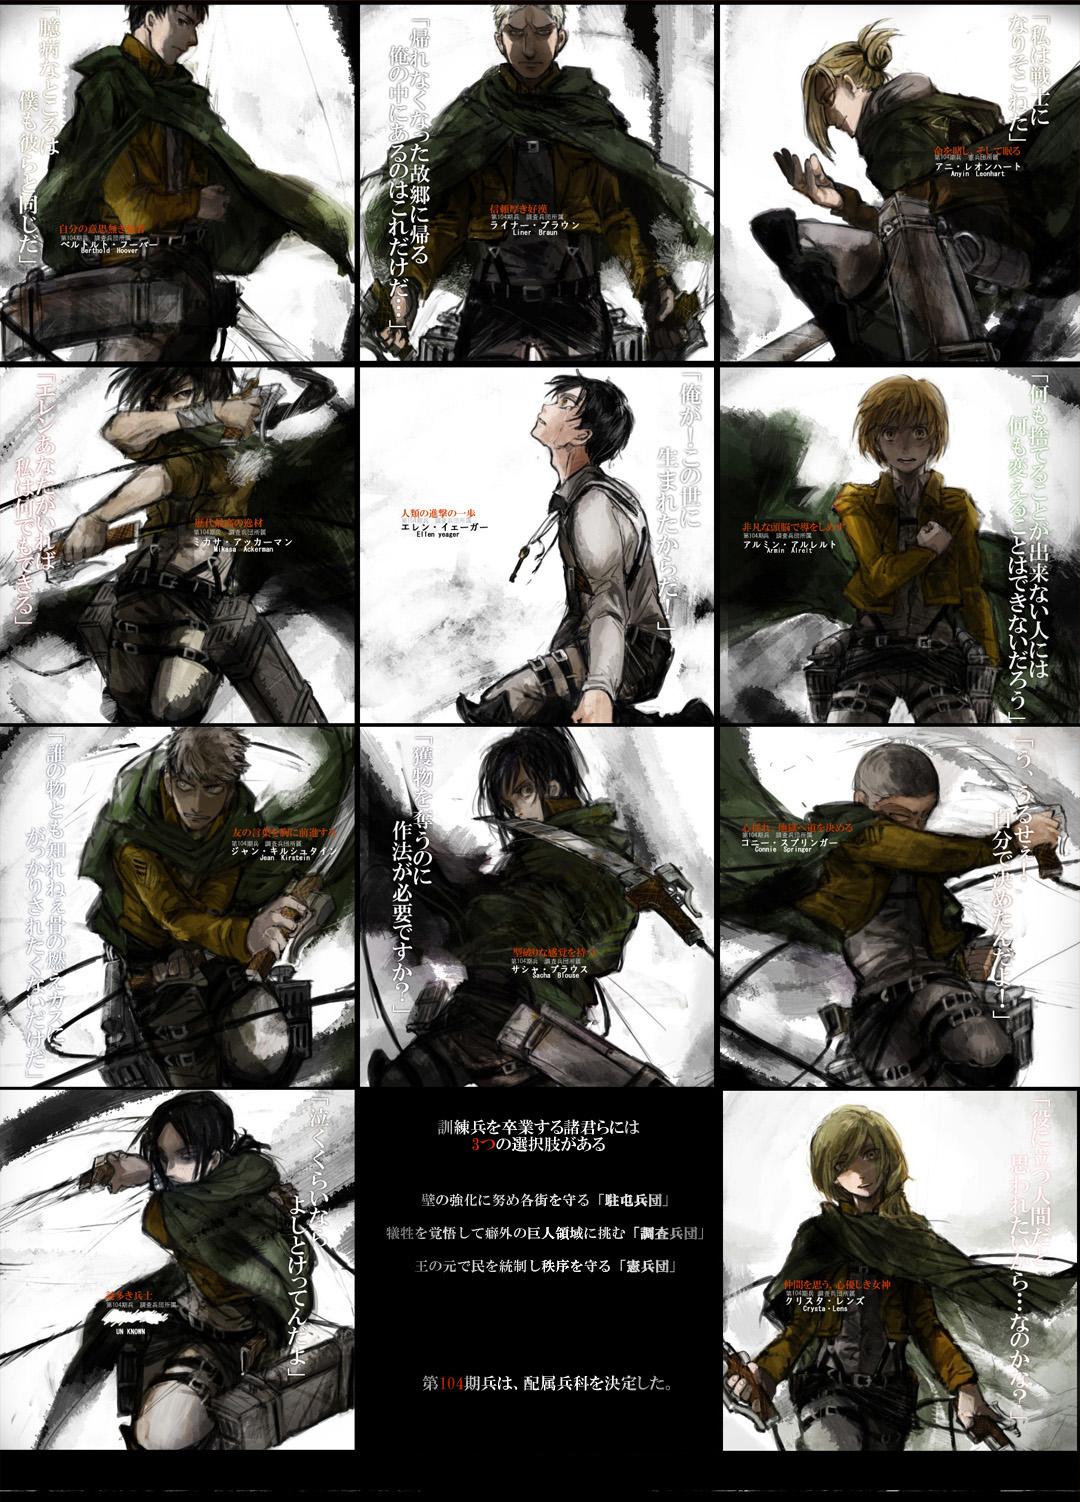 104th Trainees Squad Attack On Titan Zerochan Anime Image Board